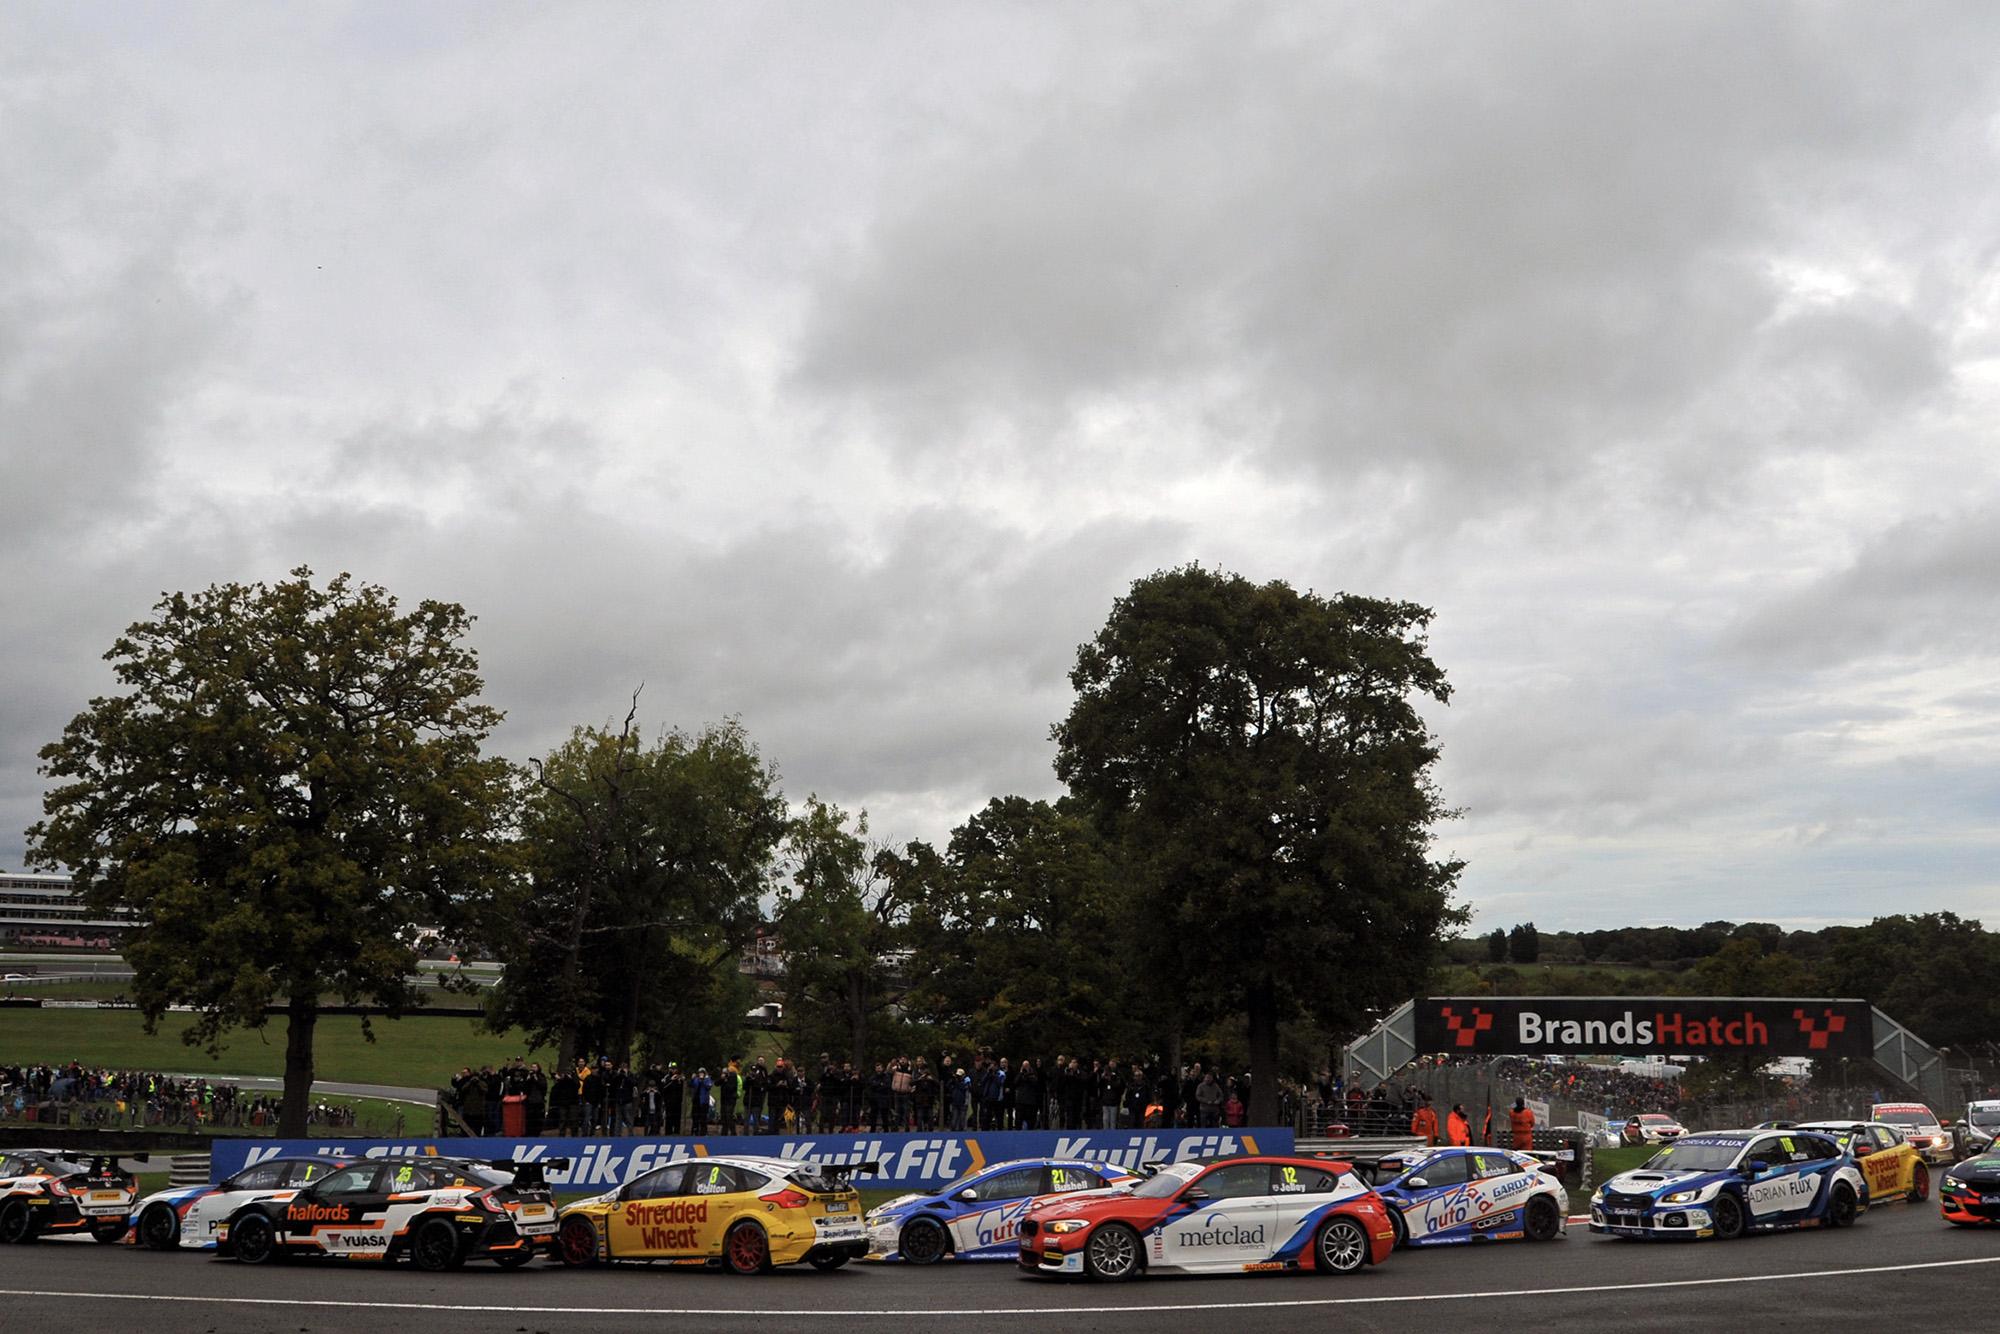 BTCC race start Brands Hatch October 13